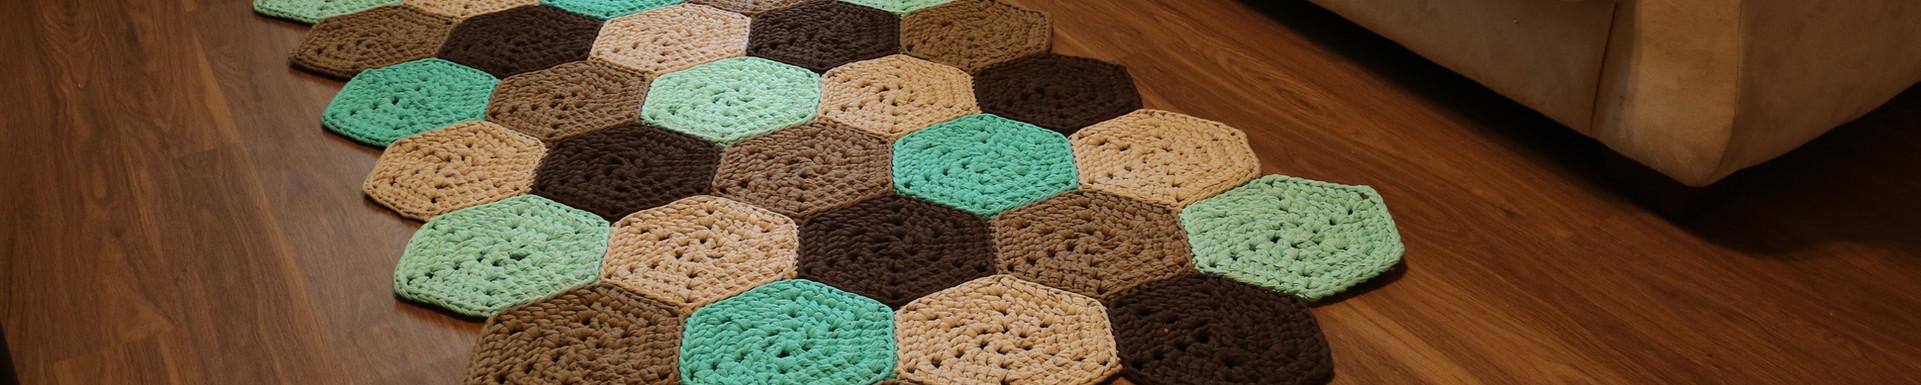 Hexagons Rug